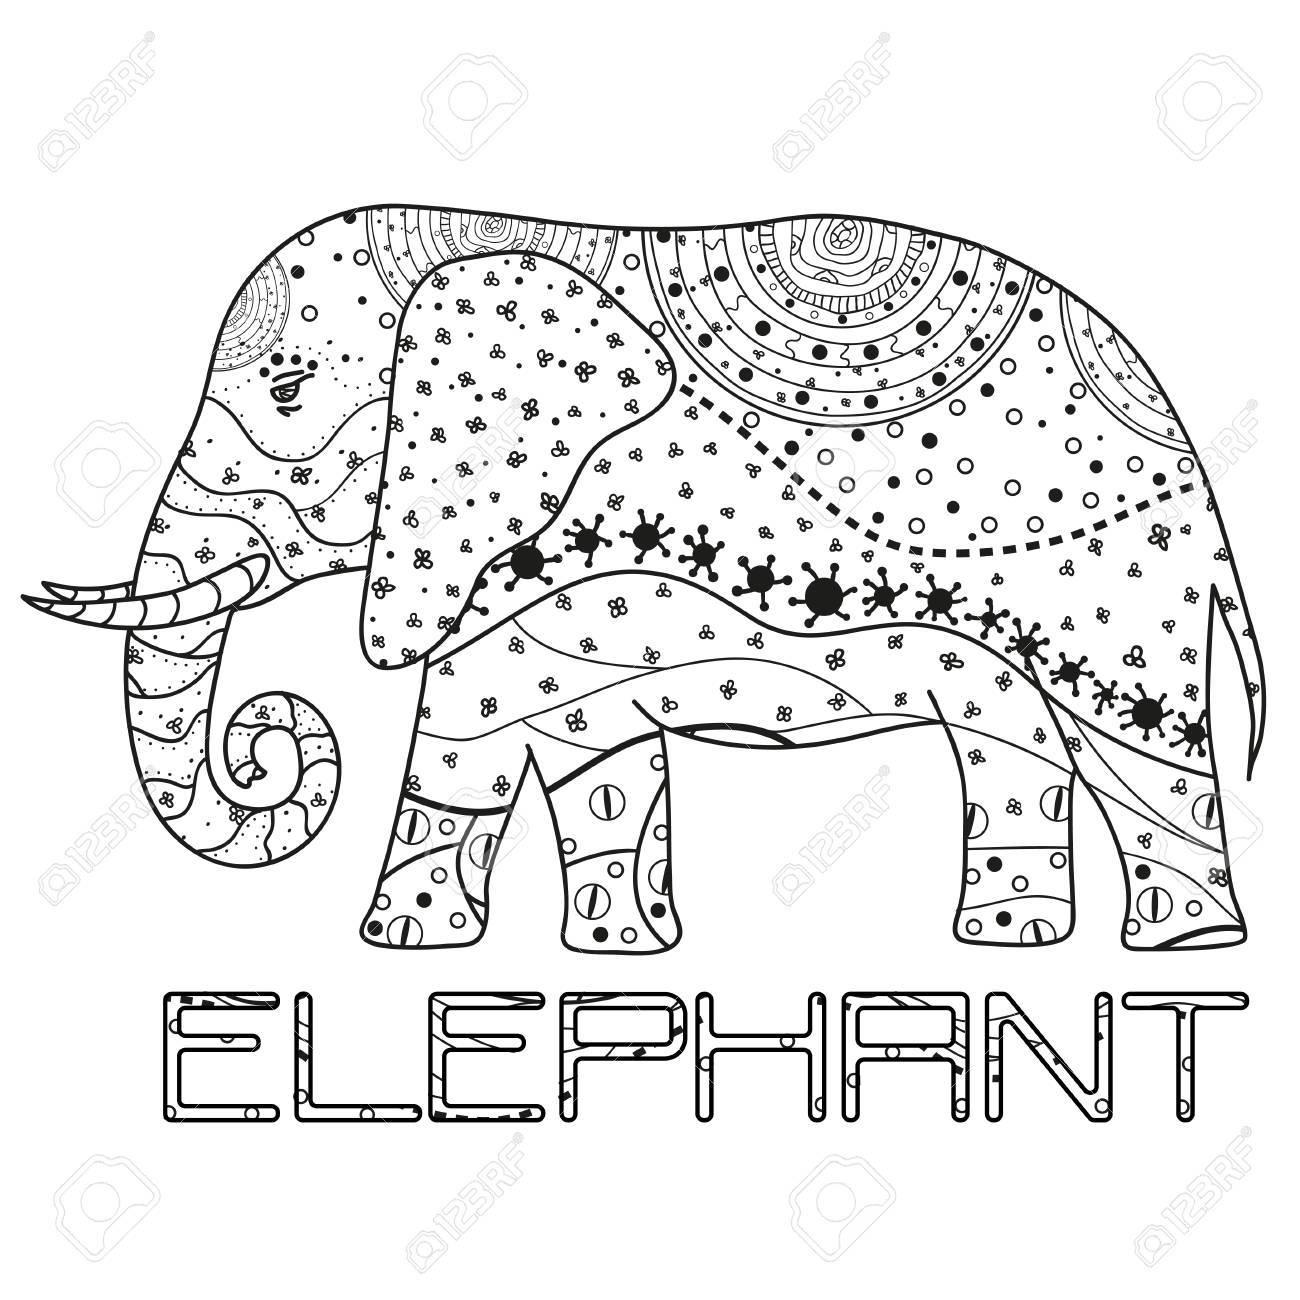 Elefant. Übergeben Sie Gezogenen Elefanten Mit Abstrakten Mustern ...